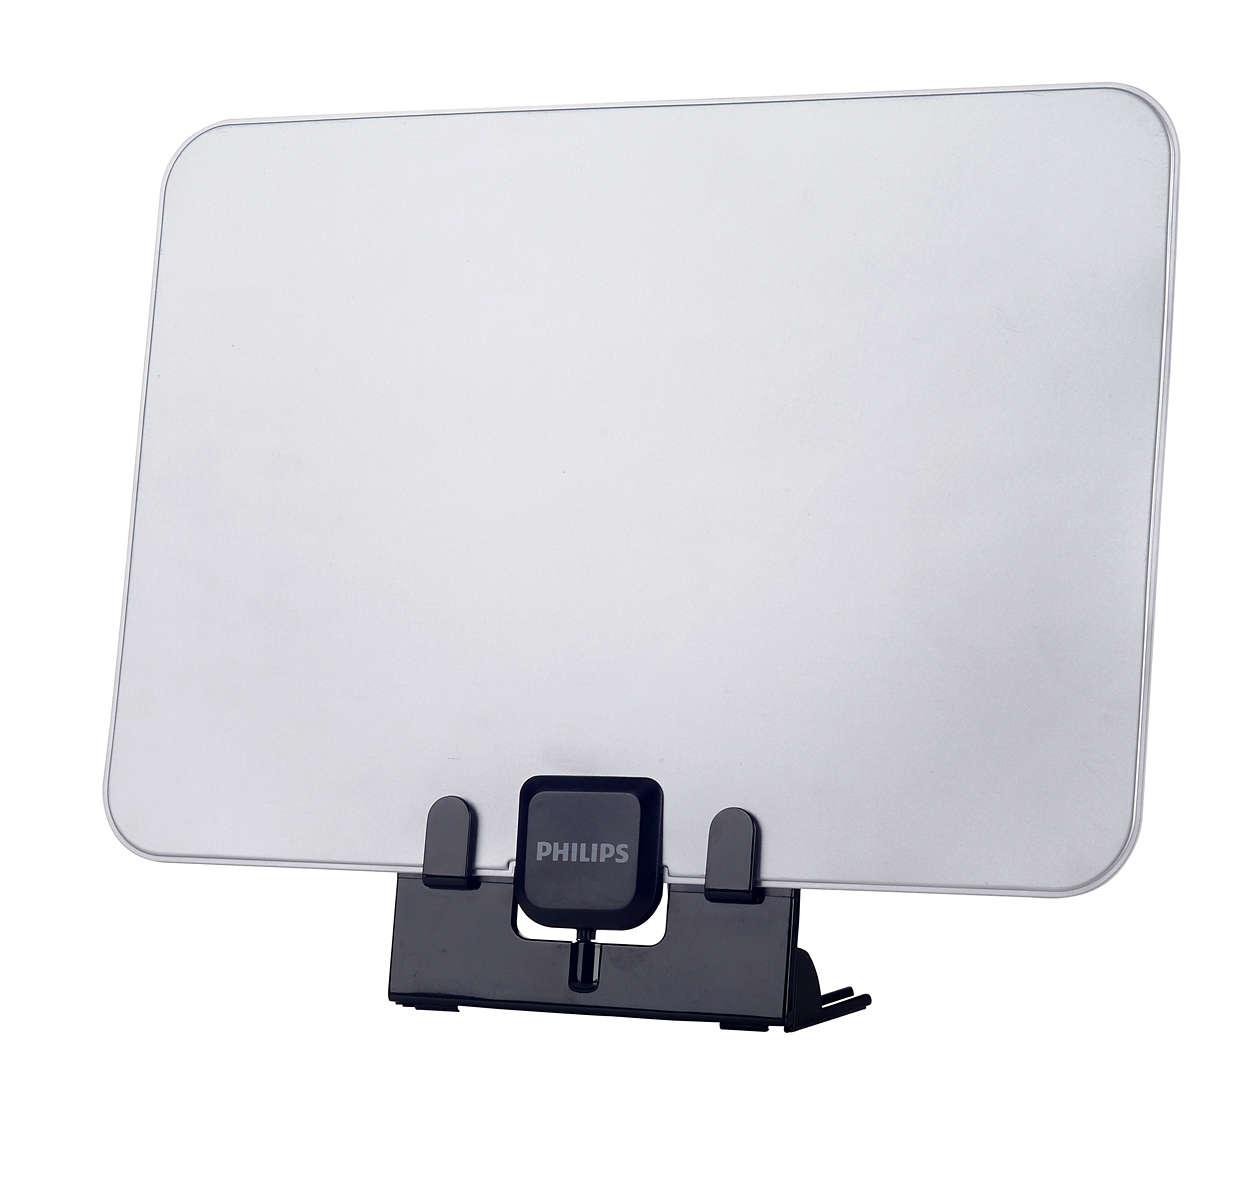 Papírvékony beltéri antenna